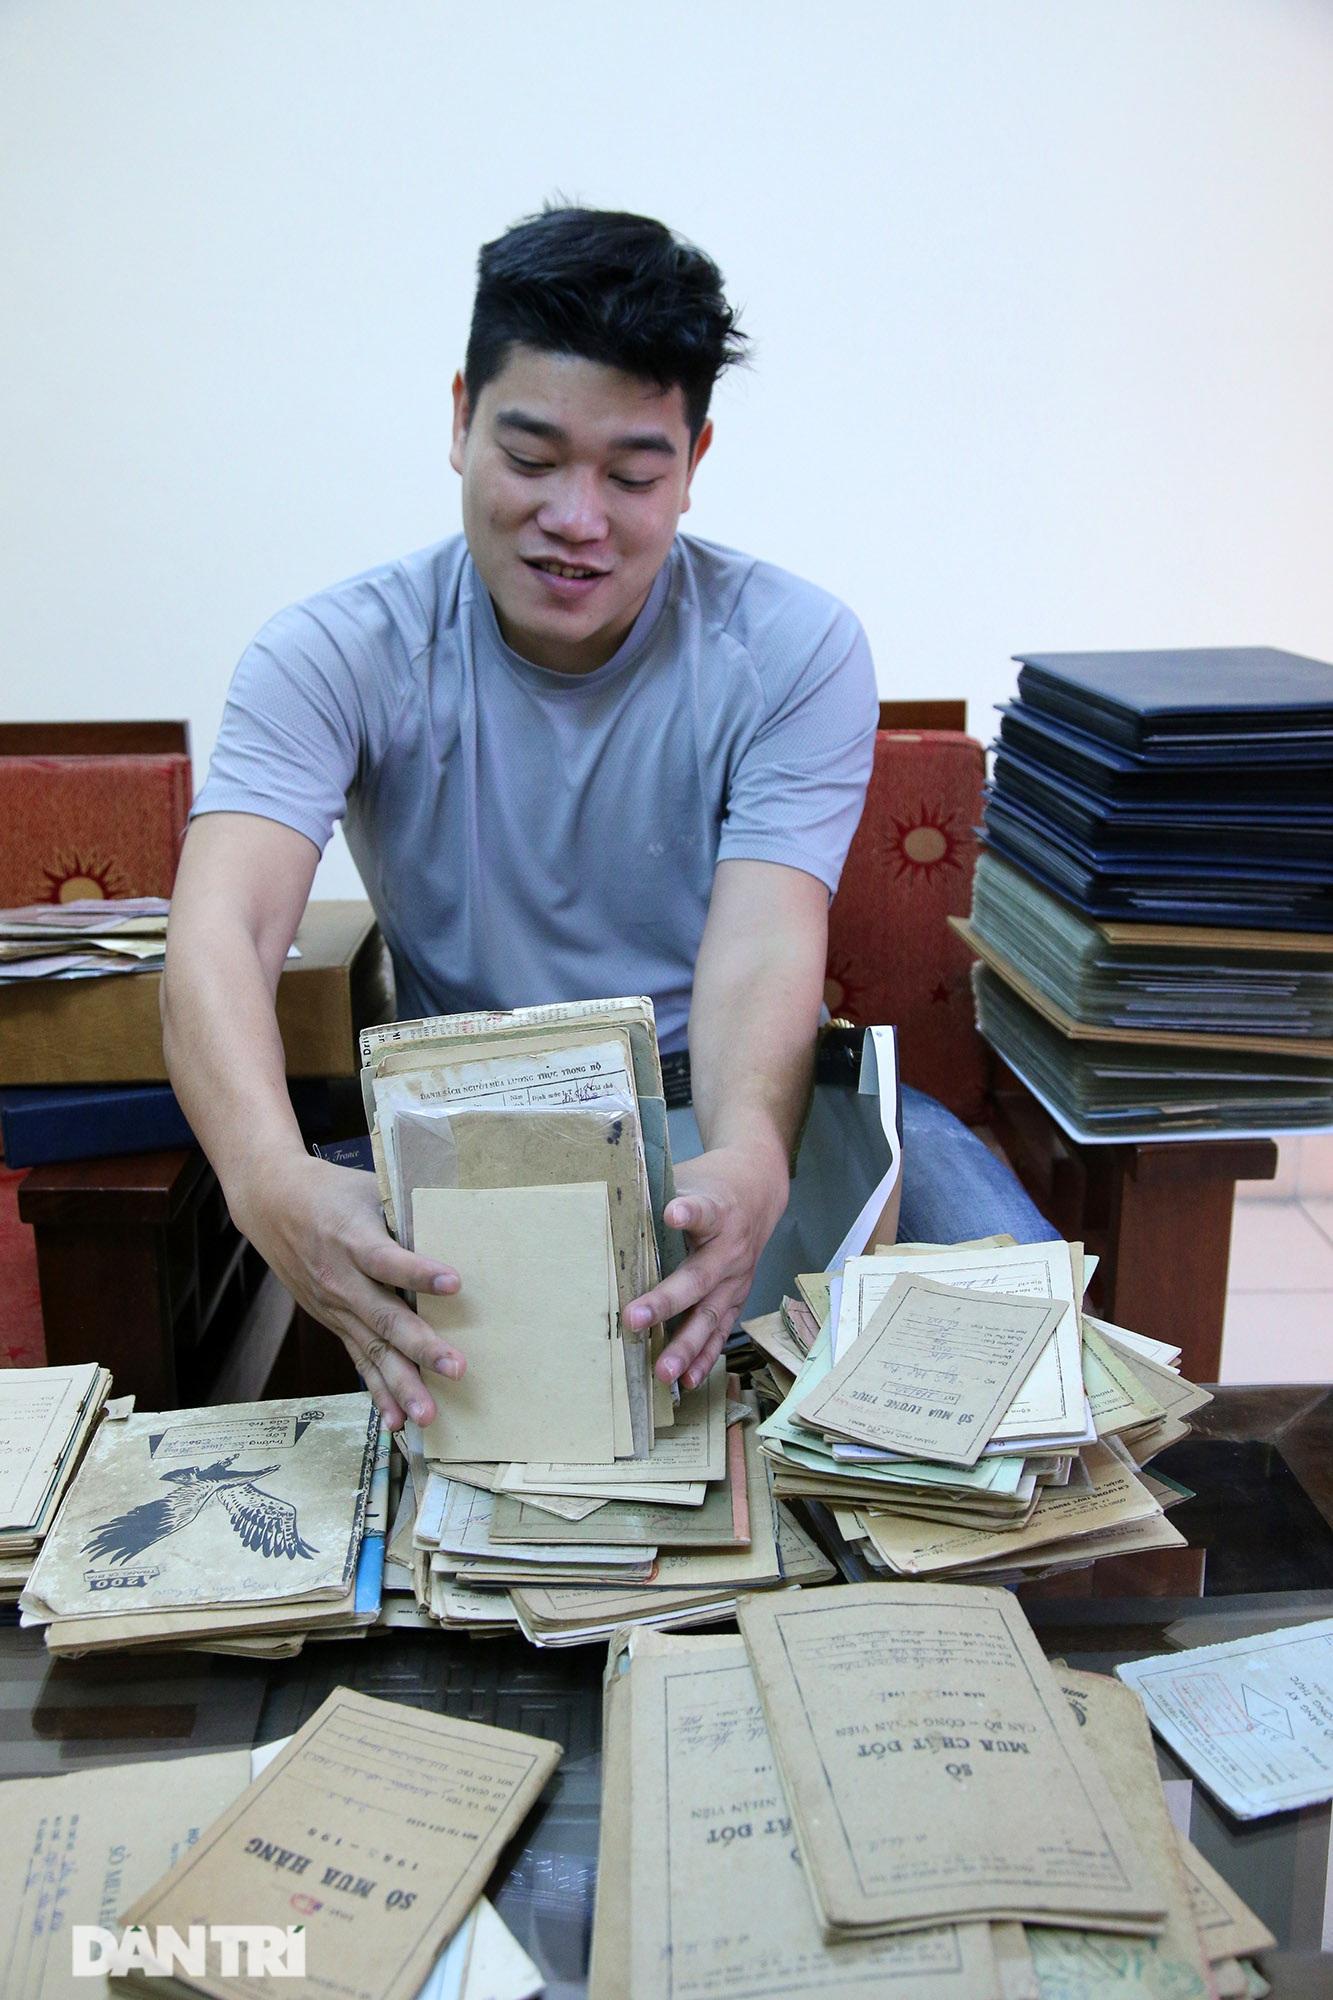 Ký ức gian khó qua bộ sưu tập tem phiếu, sổ gạo thời bao cấp - 7